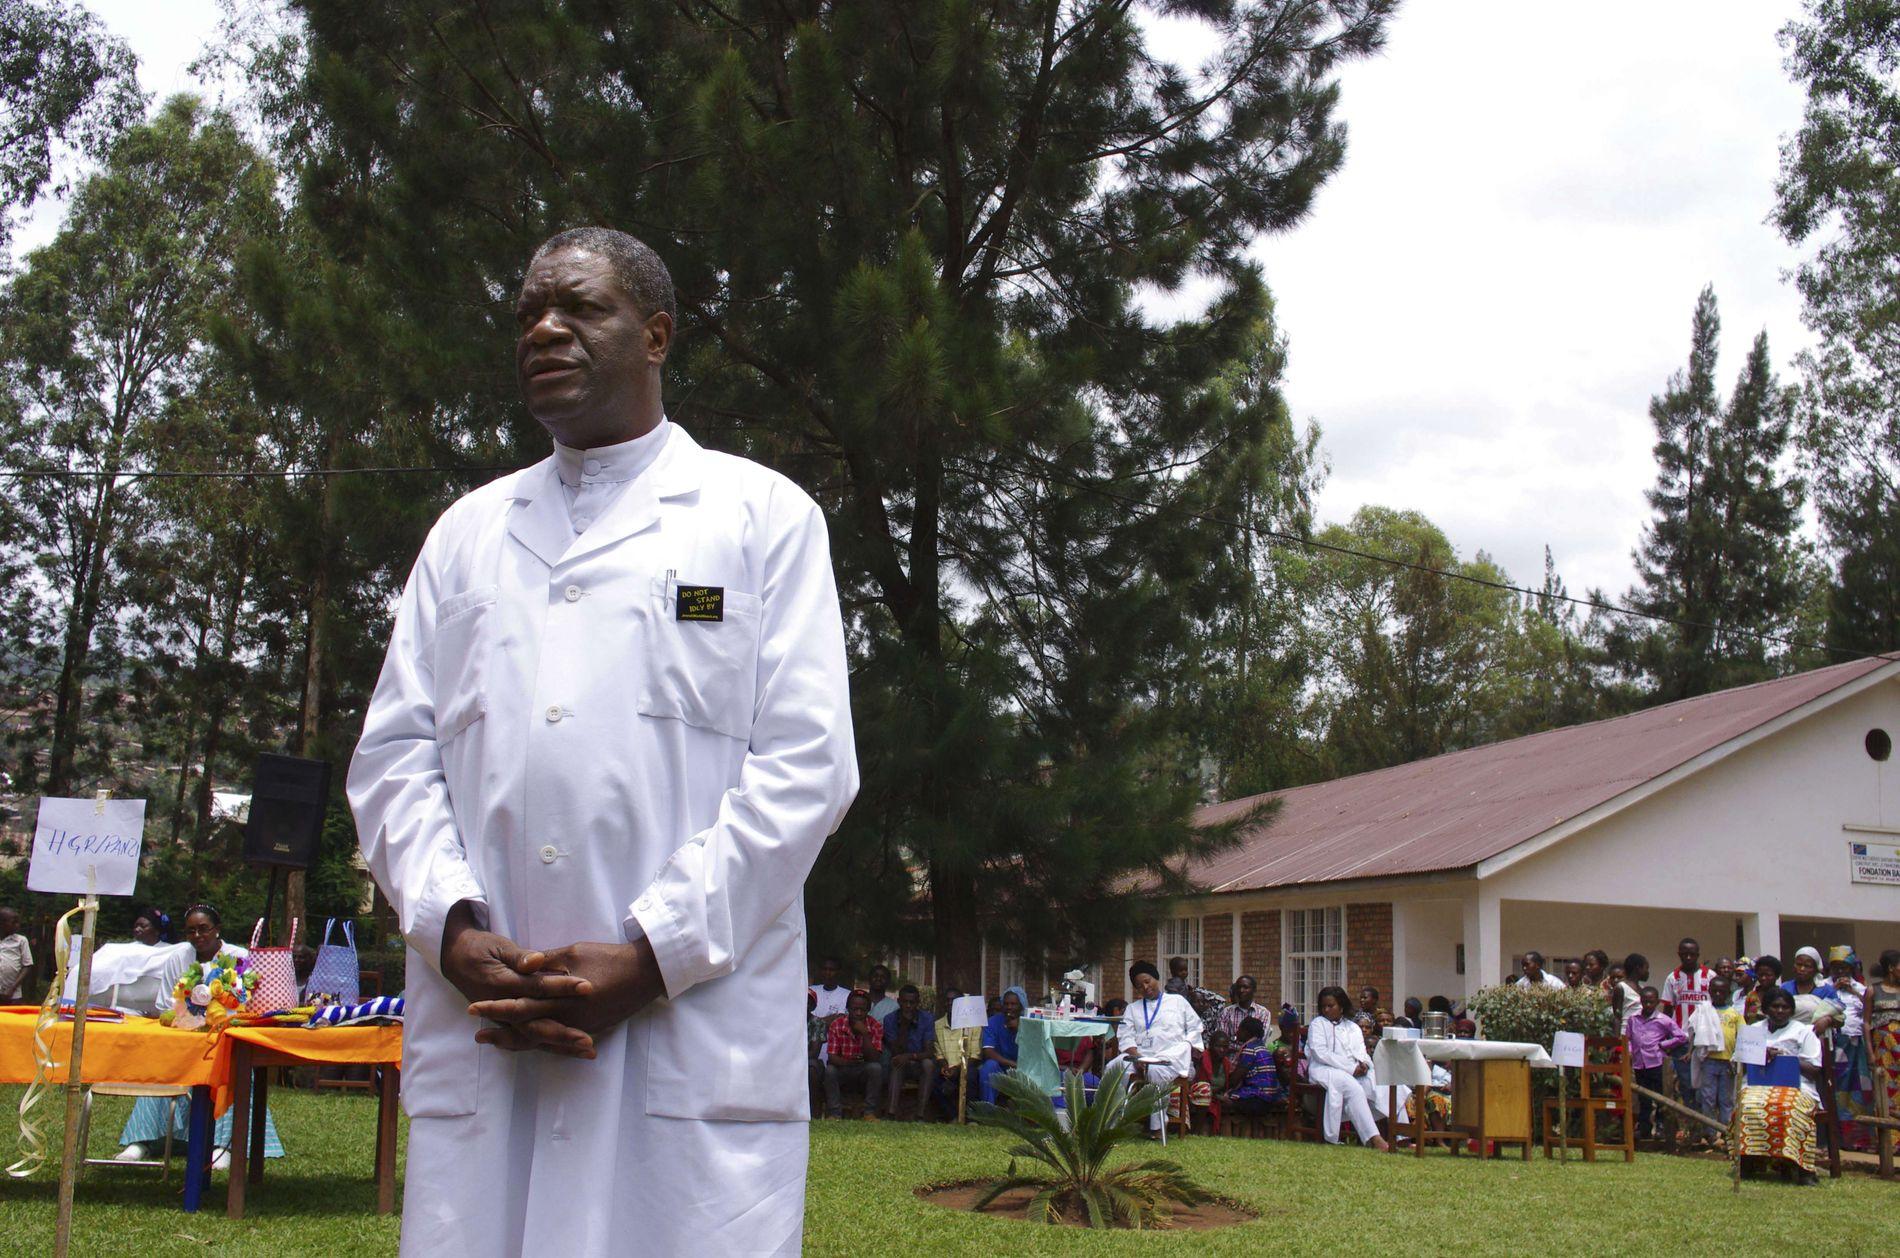 NOMINERT: Den kongolesiske kirurgen og gynekologen Denis Mukwege fotografert utenfor Panzi-sykehuset i Bukavu, øst i Kongo.